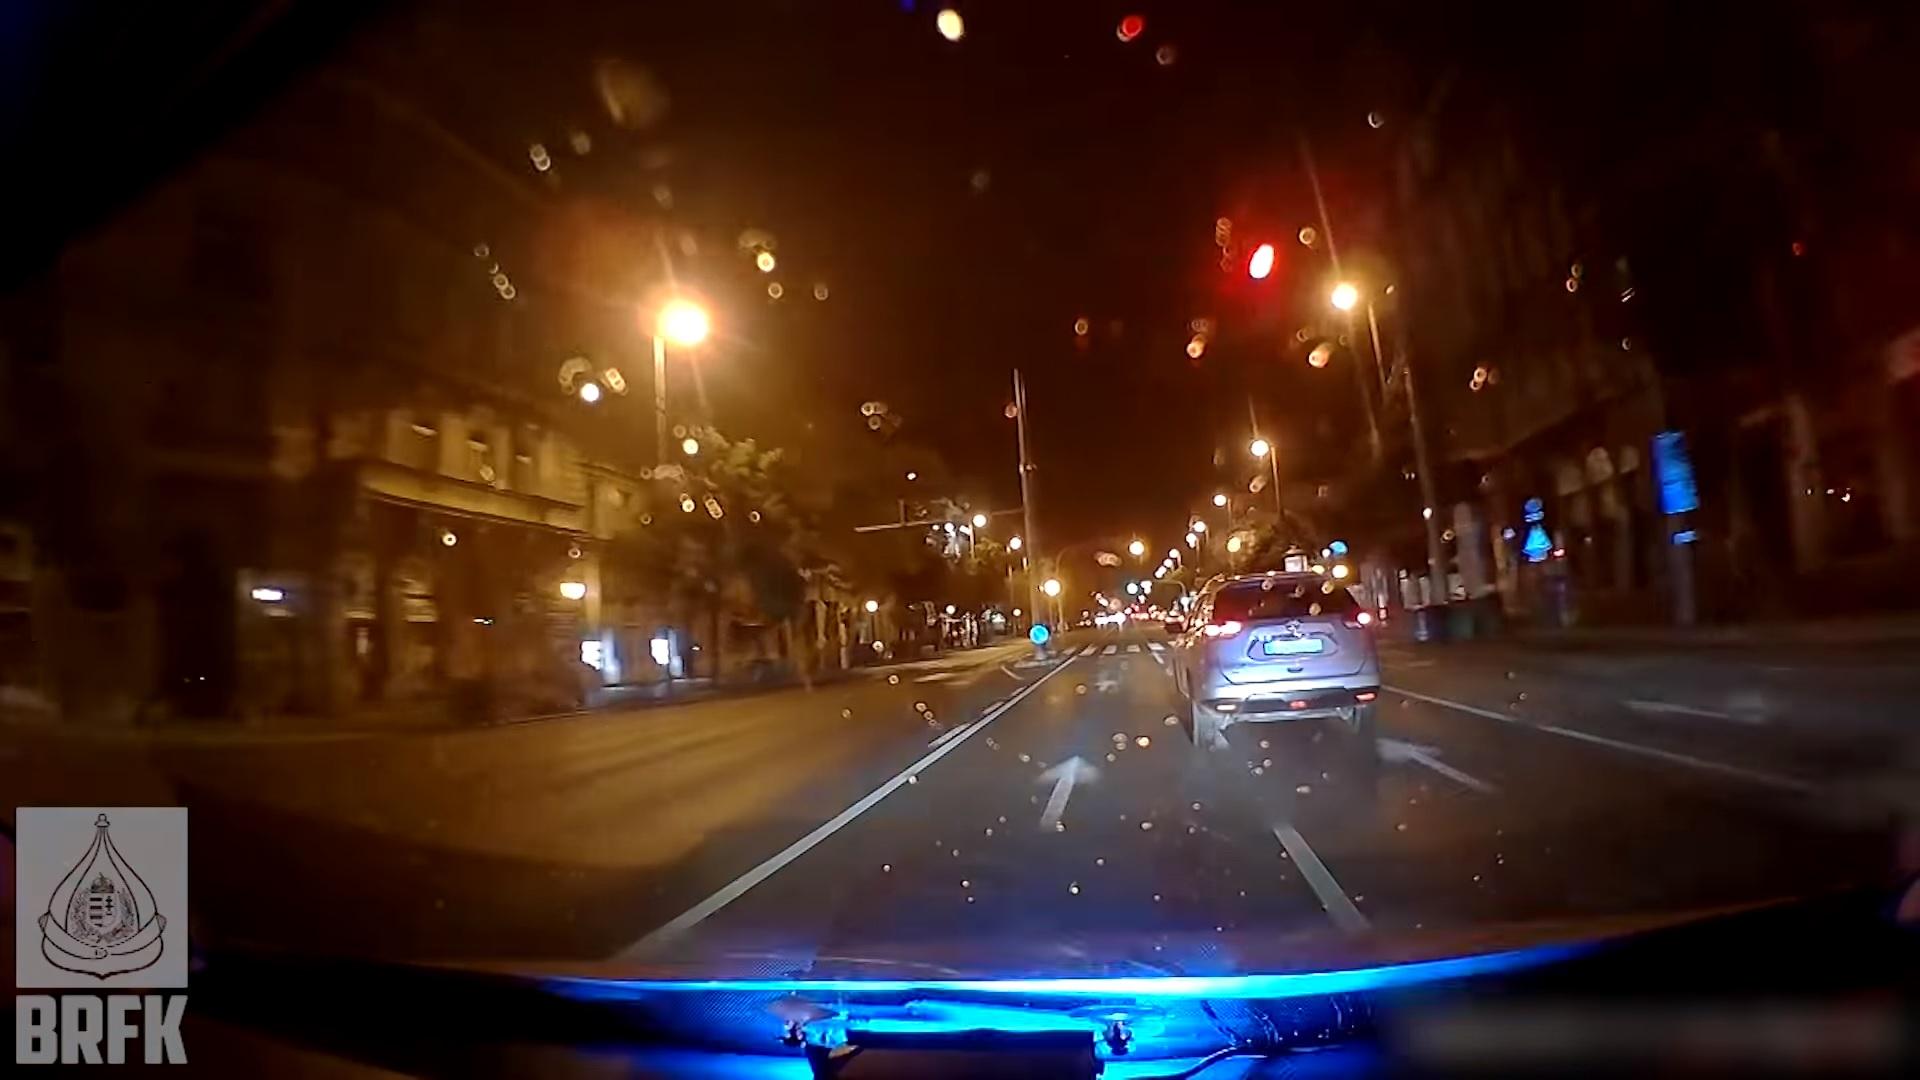 Autós üldözés Budapesten: 9 piroson ment át ittasan, mire a rendőrök megállították